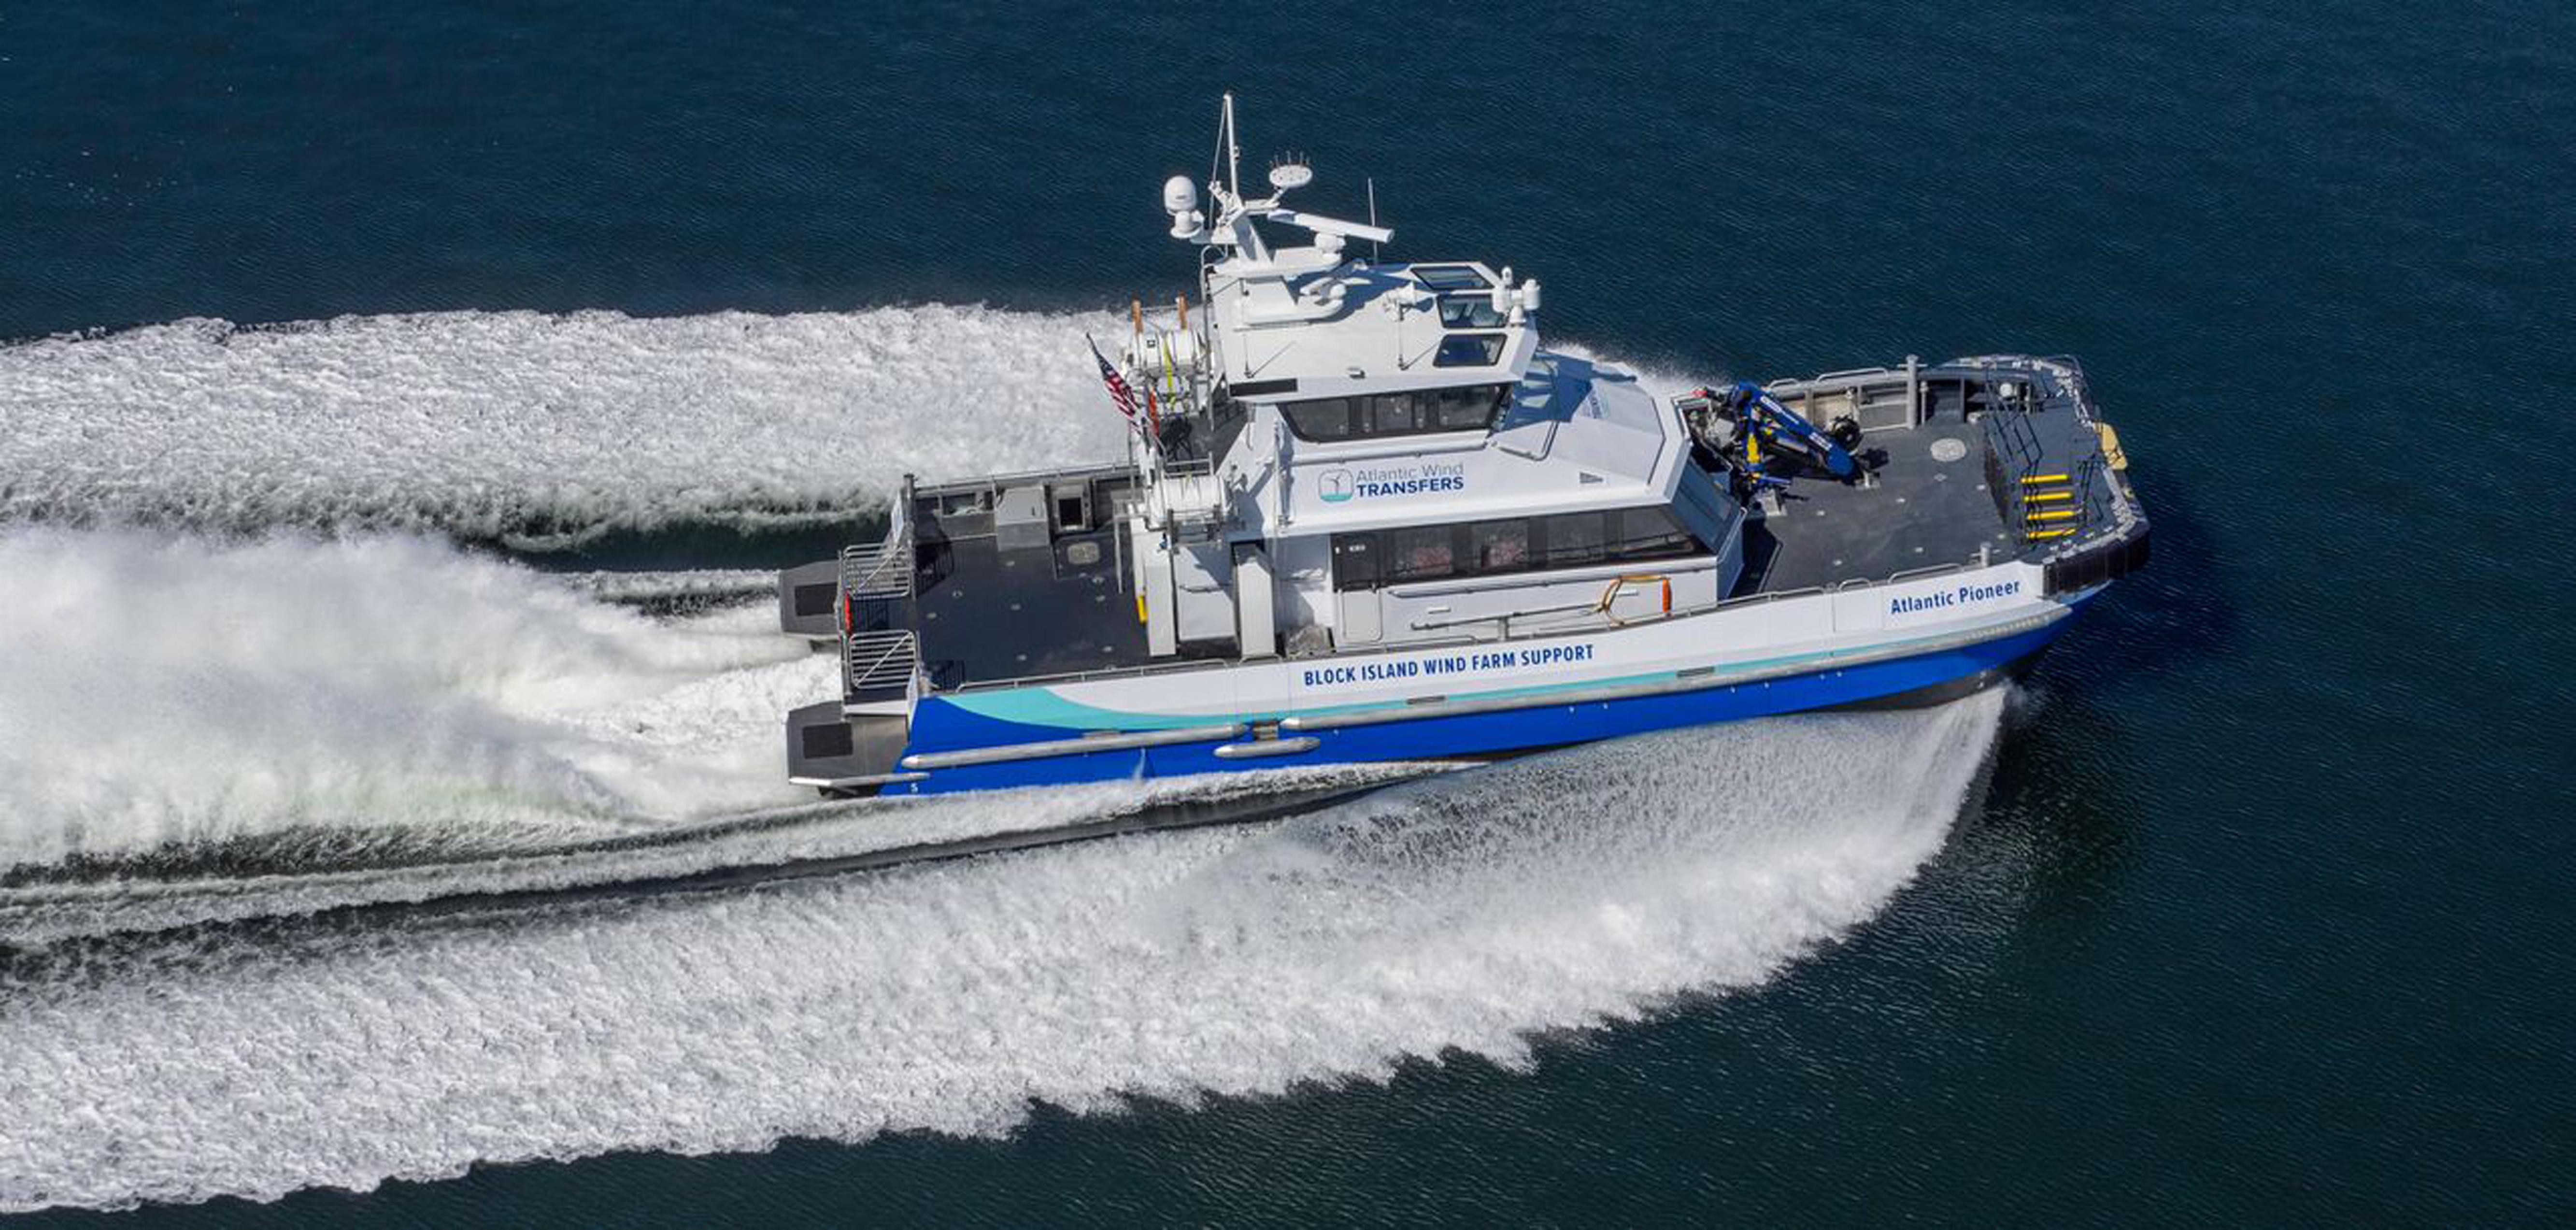 Image of Atlantic Pioneer